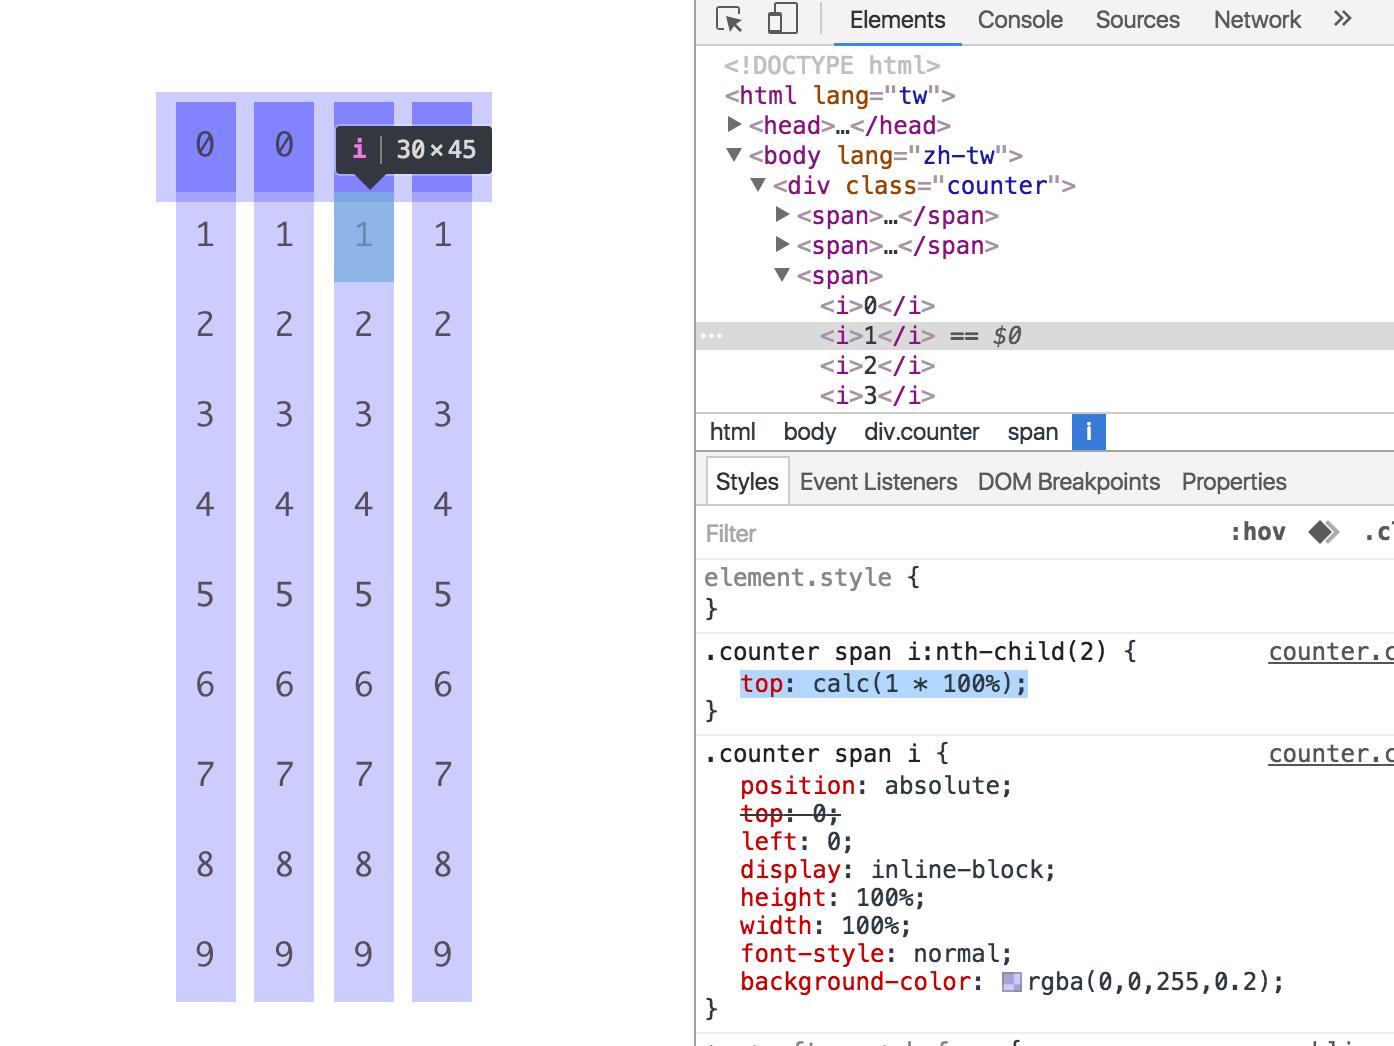 使用開發者檢視,可以發現每個 i 都因為 for 迴圈加上使用 calc,所以有不同的設定值